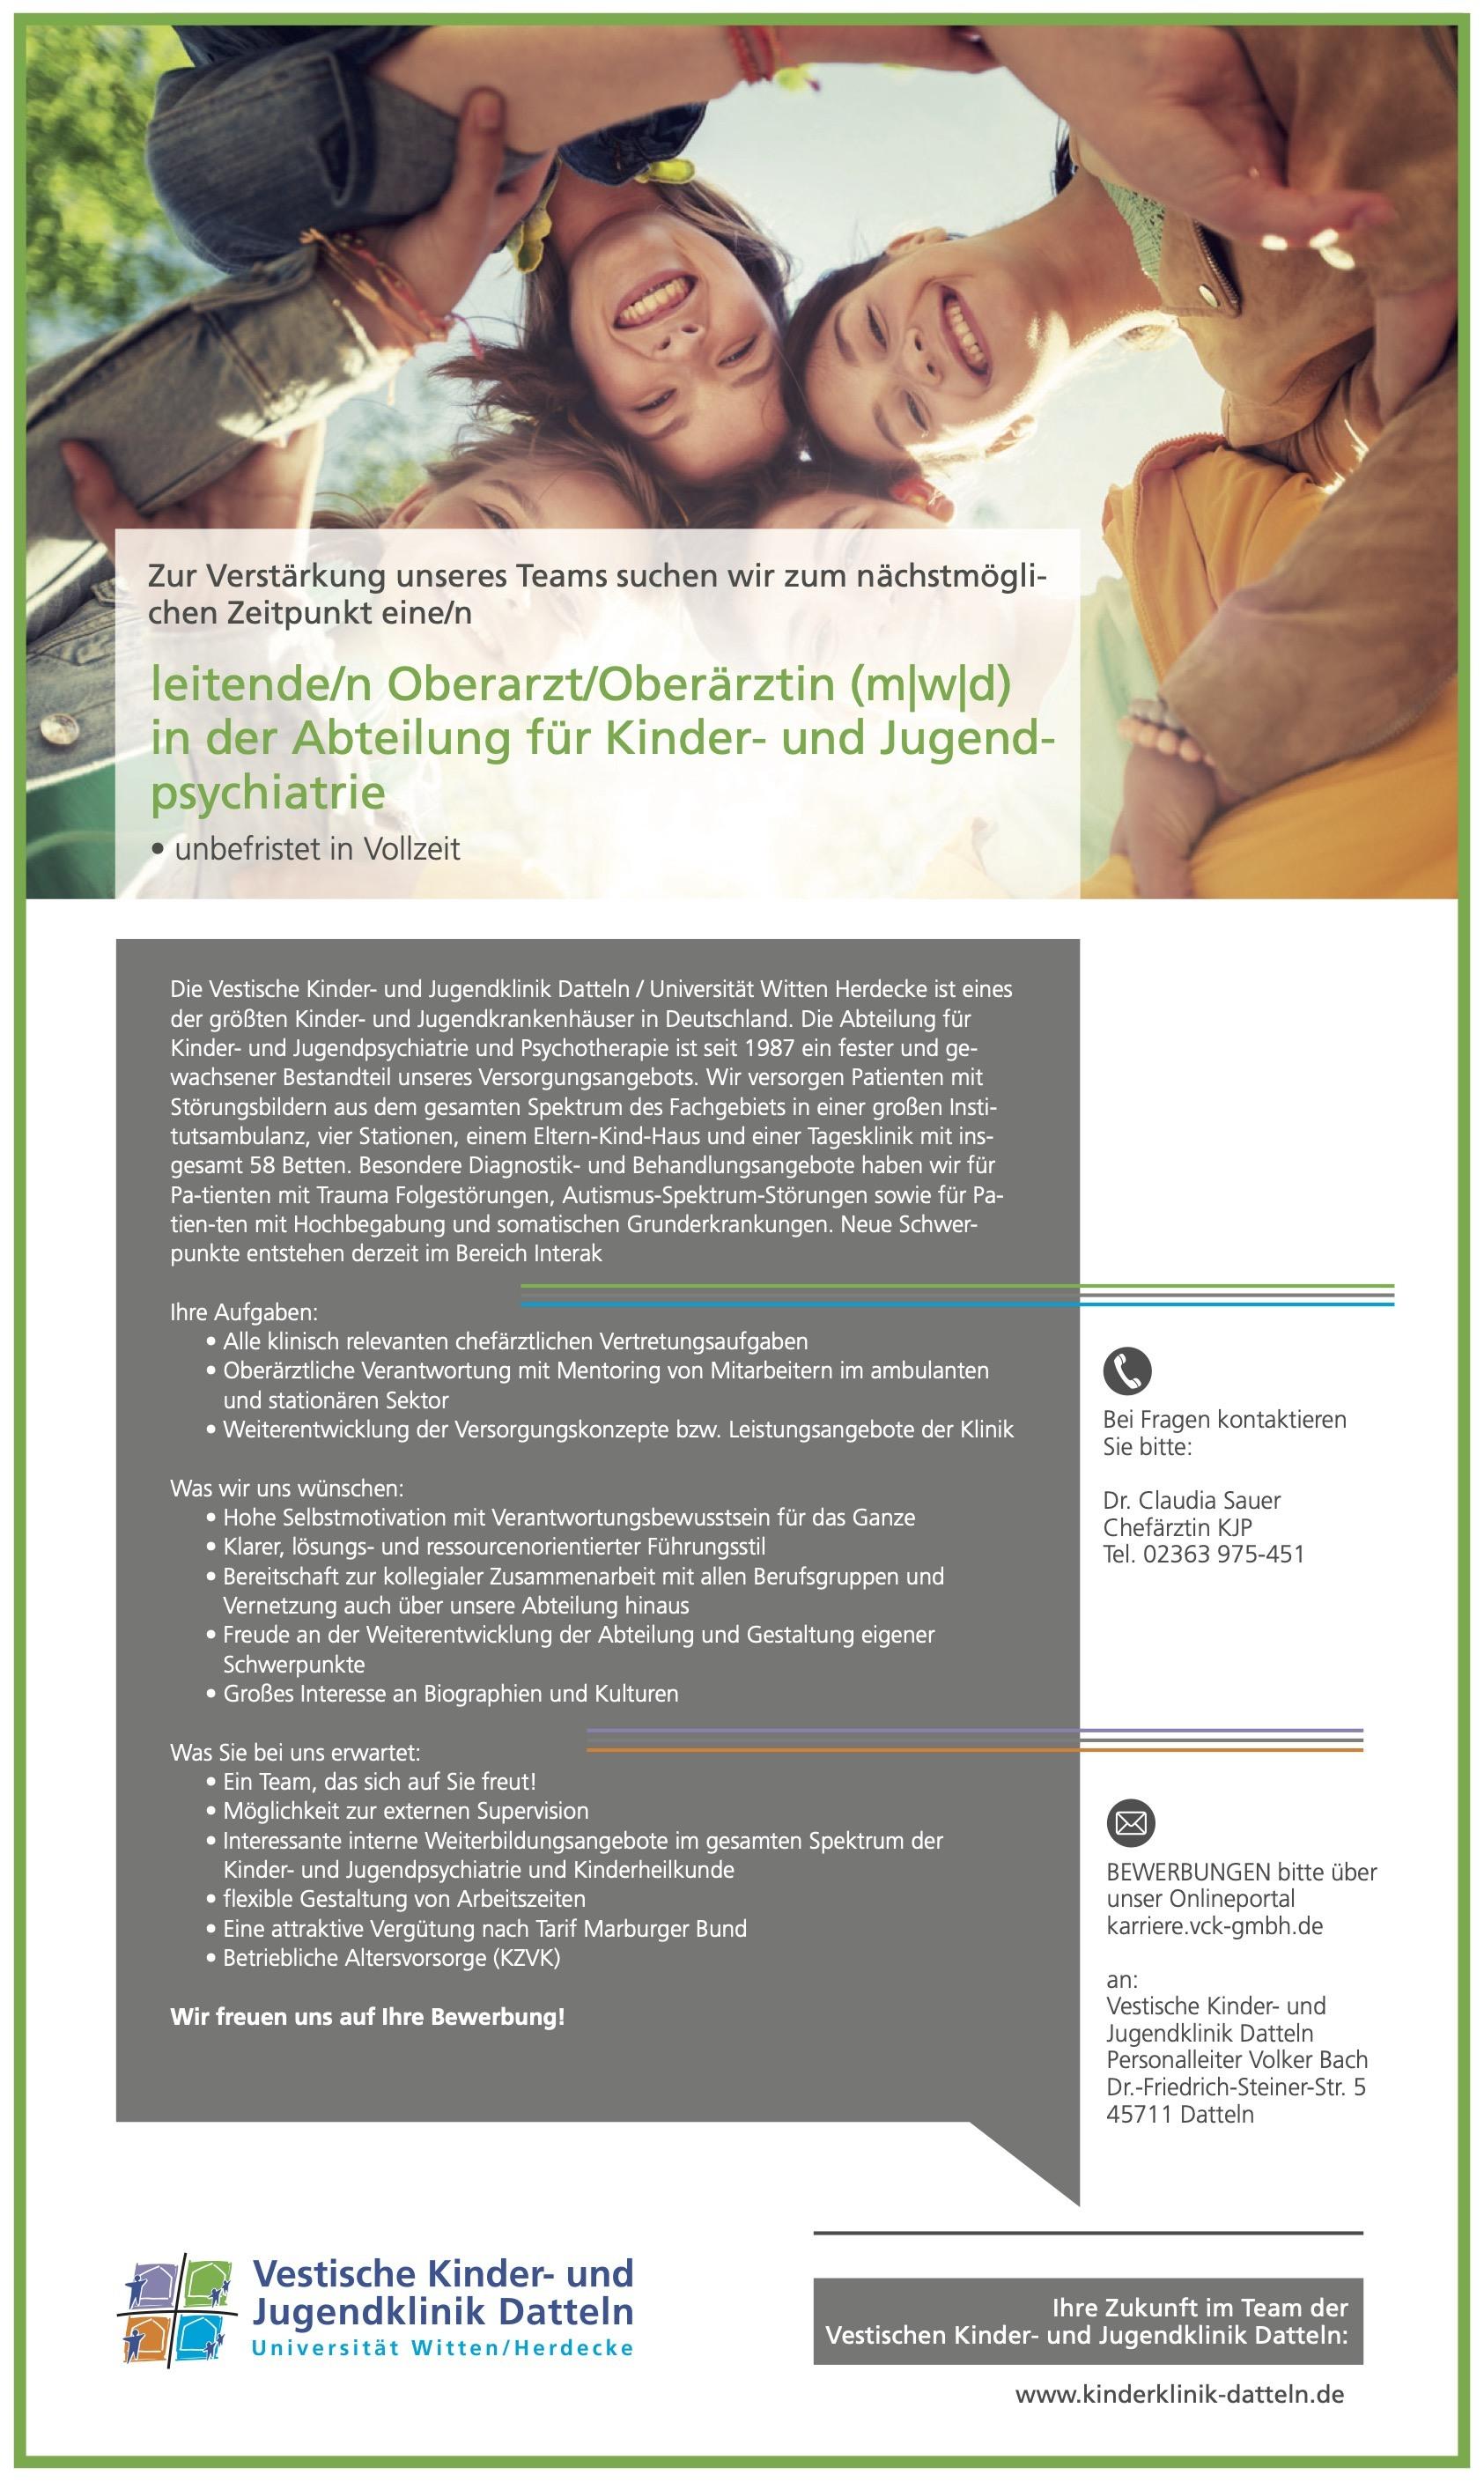 Leitende/r Oberarzt/Oberärztin (m w d) in der Abteilung für Kinder- und Jugendpsychiatrie